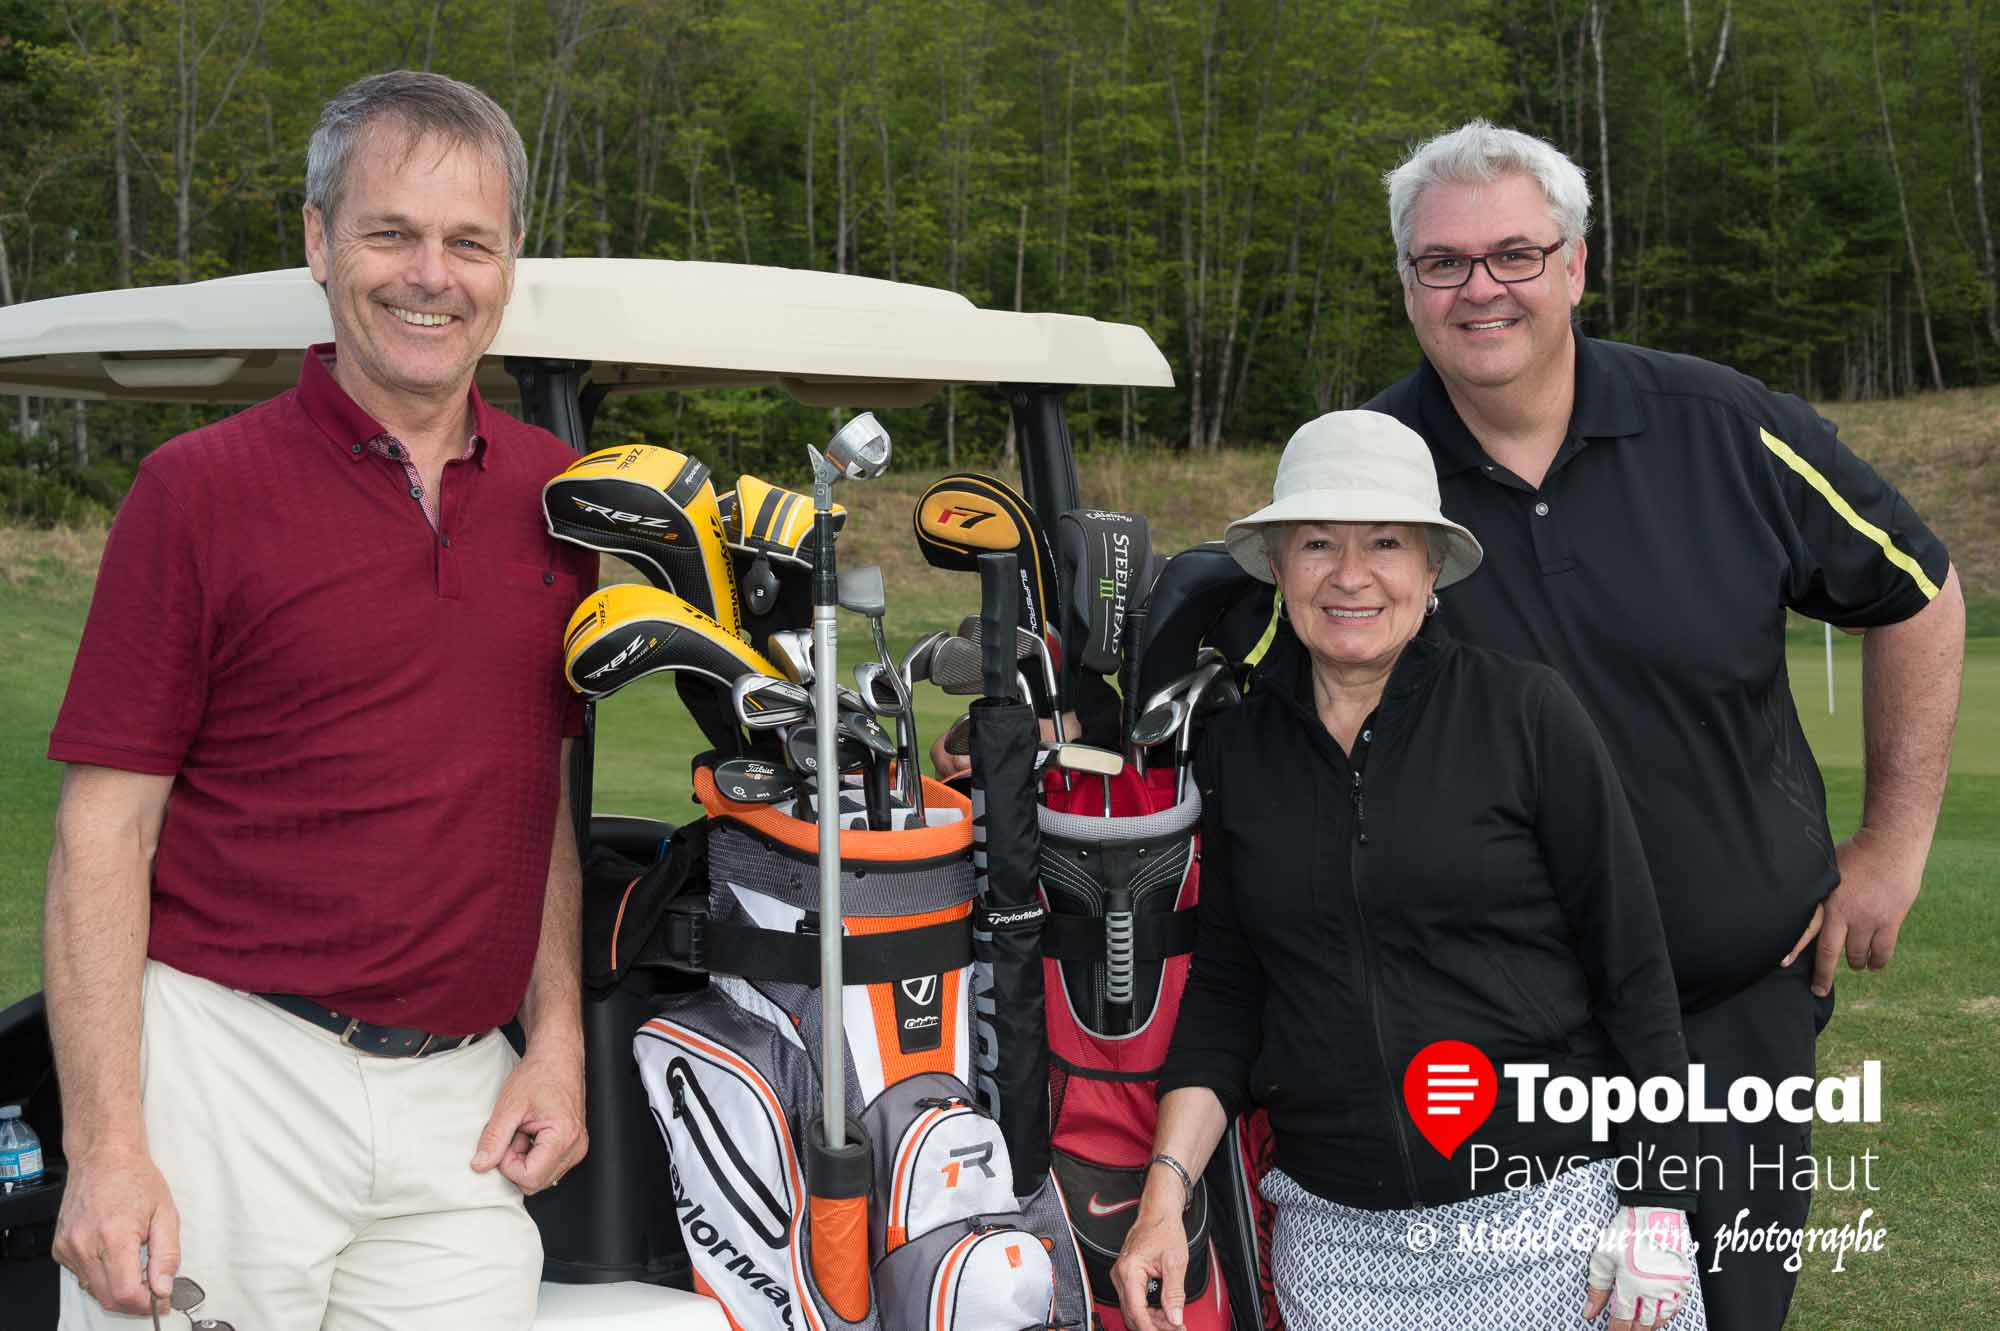 Mes compagnons de jeu pour ce tournoi furent Jean Morrissette, Lucie Létourneau et Sylvain Labelle. Merci à vous pour cette belle journée.